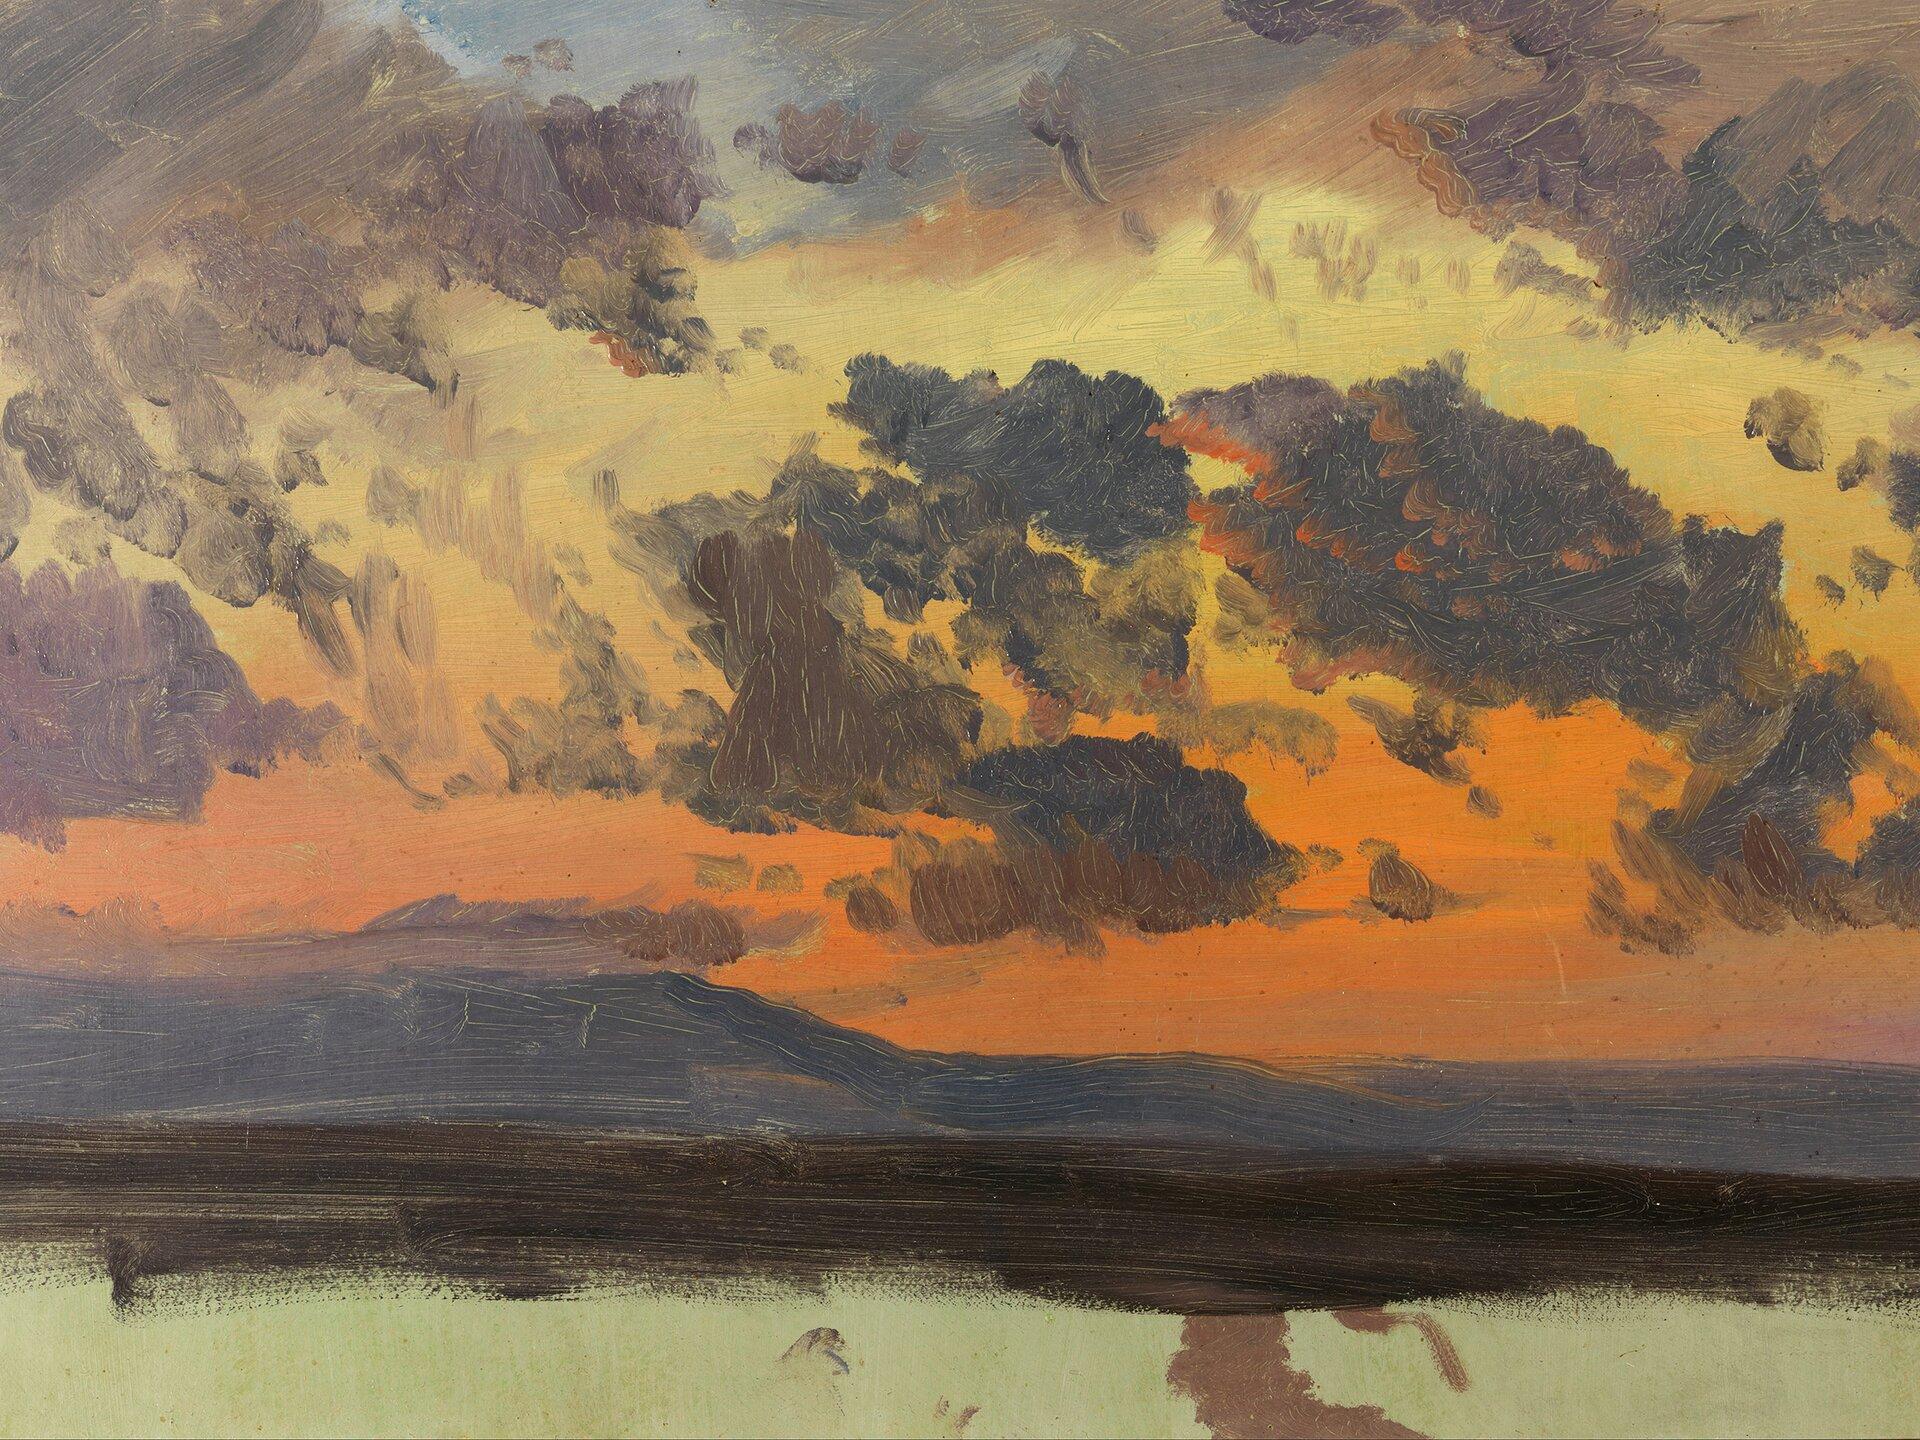 Niebo ozachodzie słońca, Jamajka, Wschodnie Indie Źródło: Frederic Edwin Church, Niebo ozachodzie słońca, Jamajka, Wschodnie Indie, 1865, olej na papierze, domena publiczna.